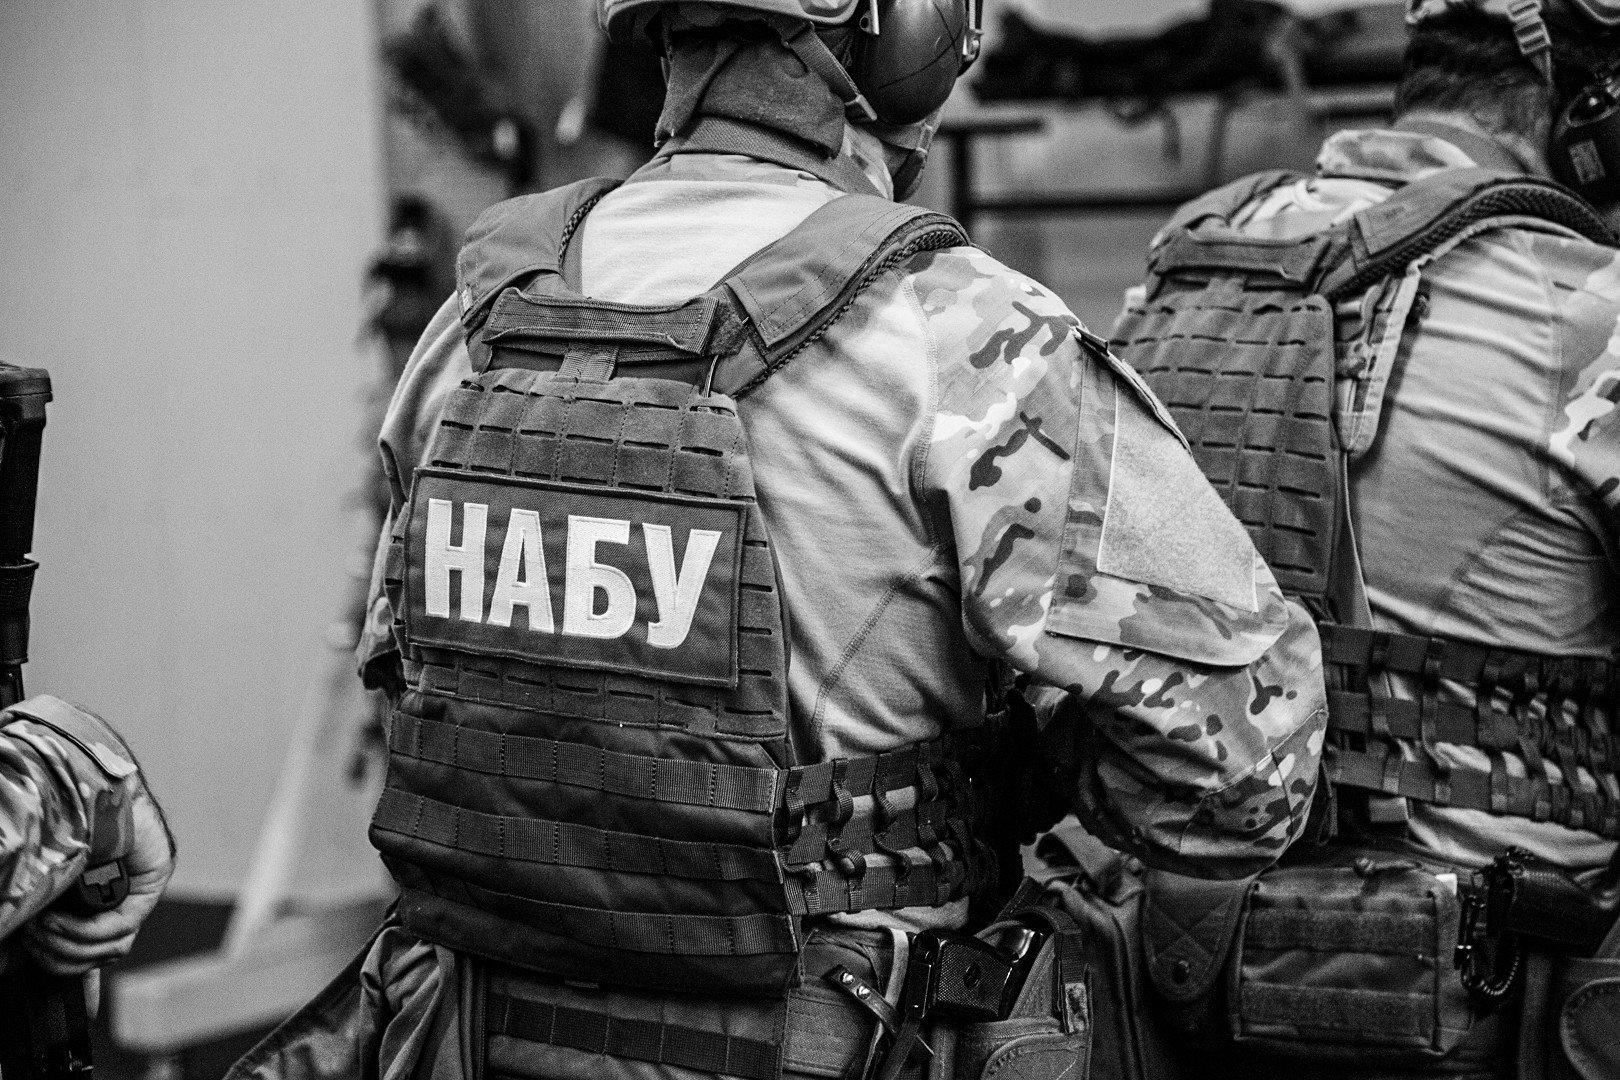 НАБУ вызывает экс-депутата и соратника Порошенко на допрос